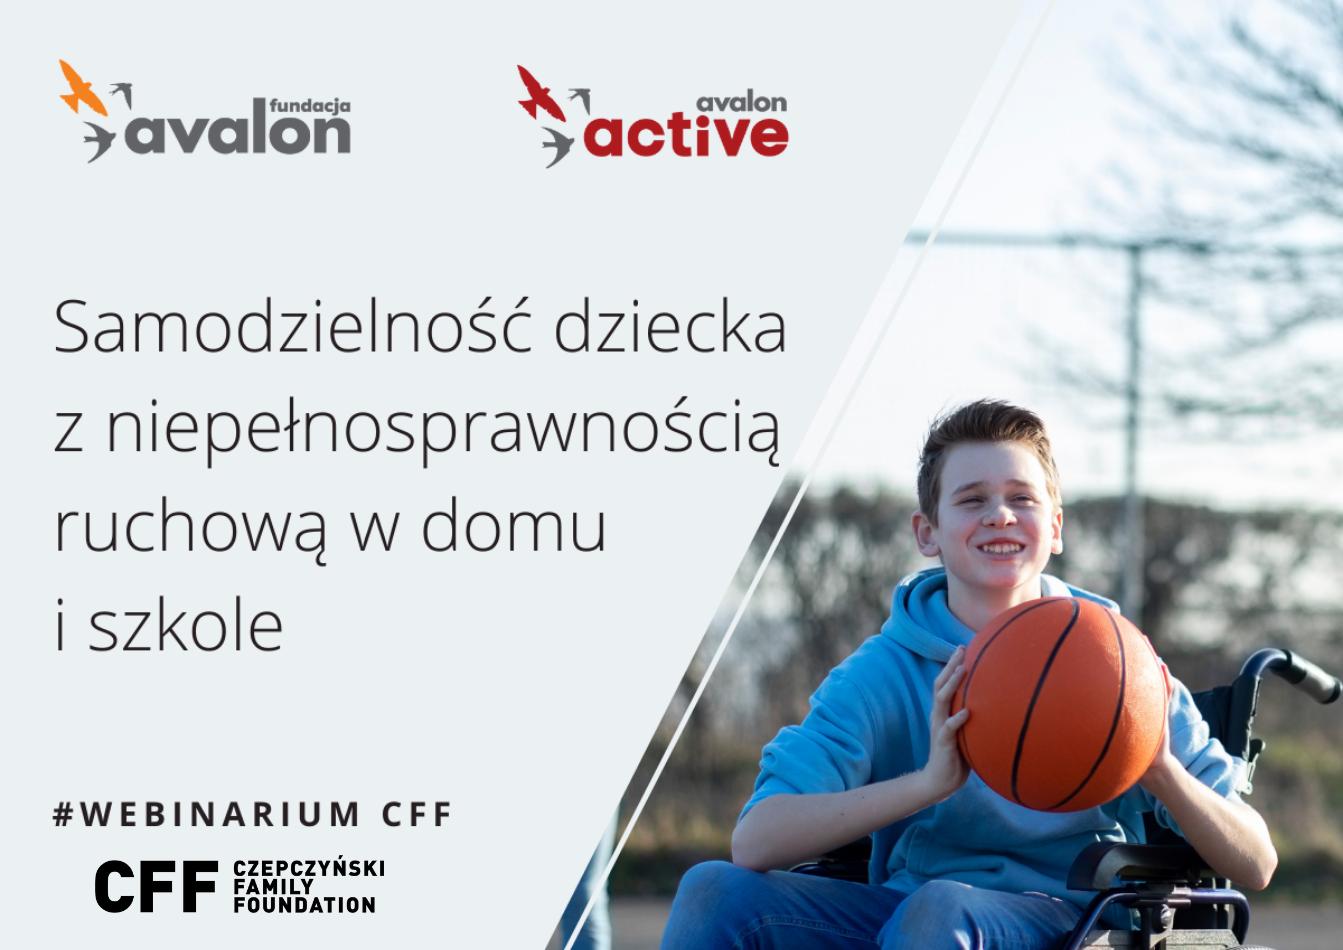 Samodzielność dziecka z niepełnosprawnością ruchową w domu i szkole – TEST ZAKOŃCZONY